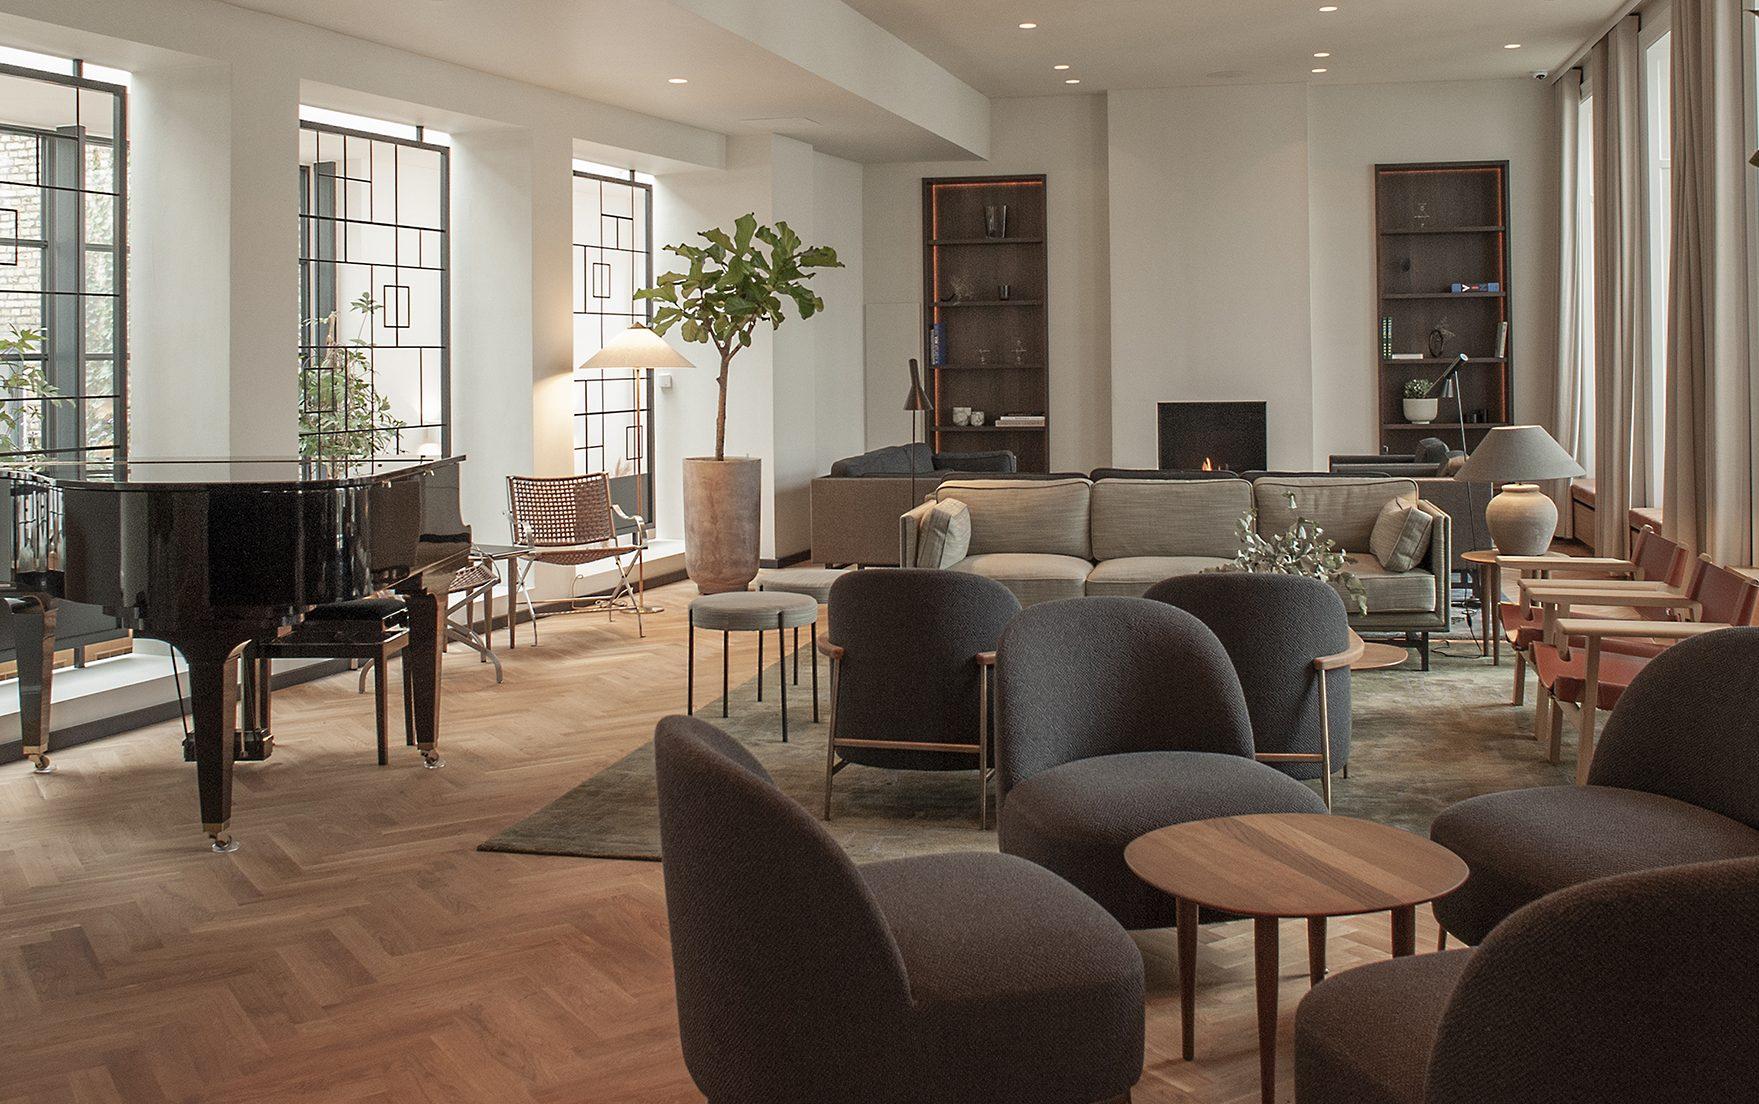 """Hotel Kong Arthur i København fremstår efter sin omfattende renovering som et """"nyt hotel og indbegrebet af et rigtigt københavnerhotel med klassisk dansk design."""" Pressefoto fra Hotel Kong Arthur."""